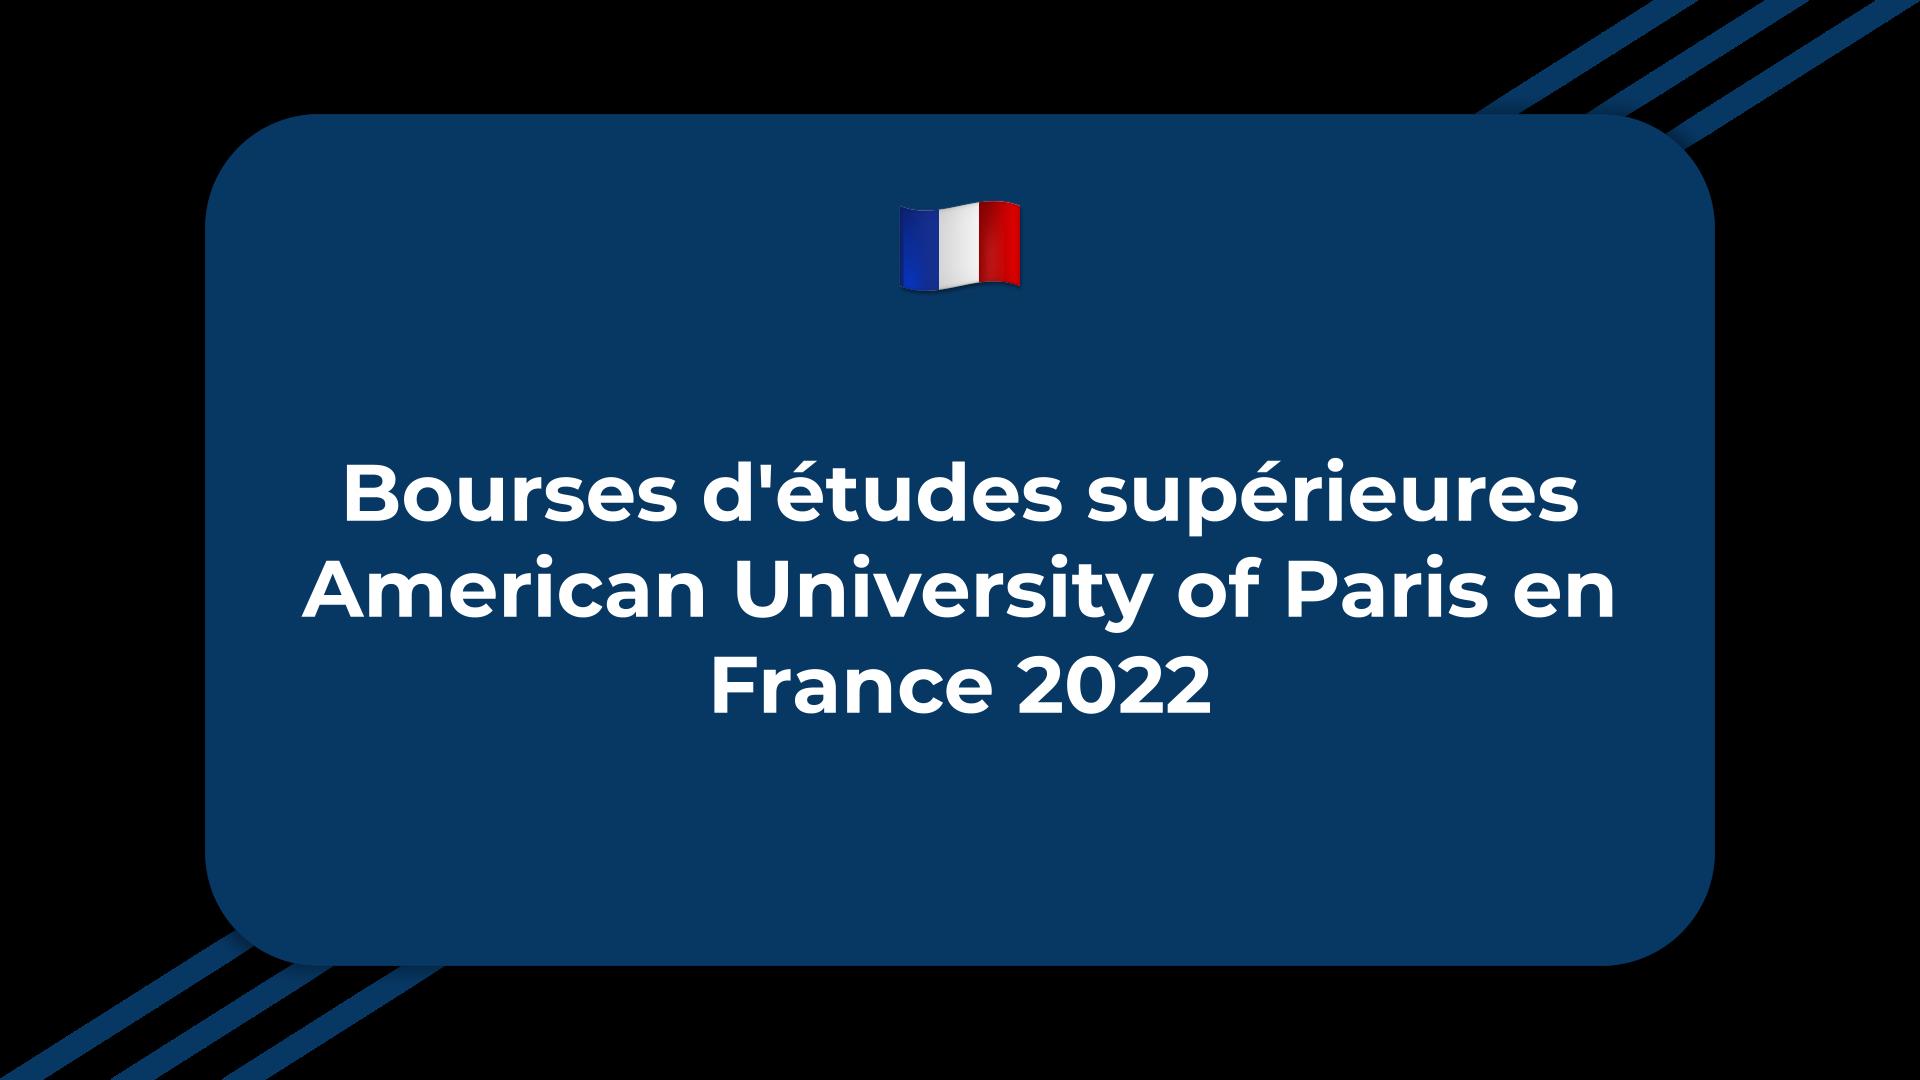 Bourses d'études supérieures American University of Paris